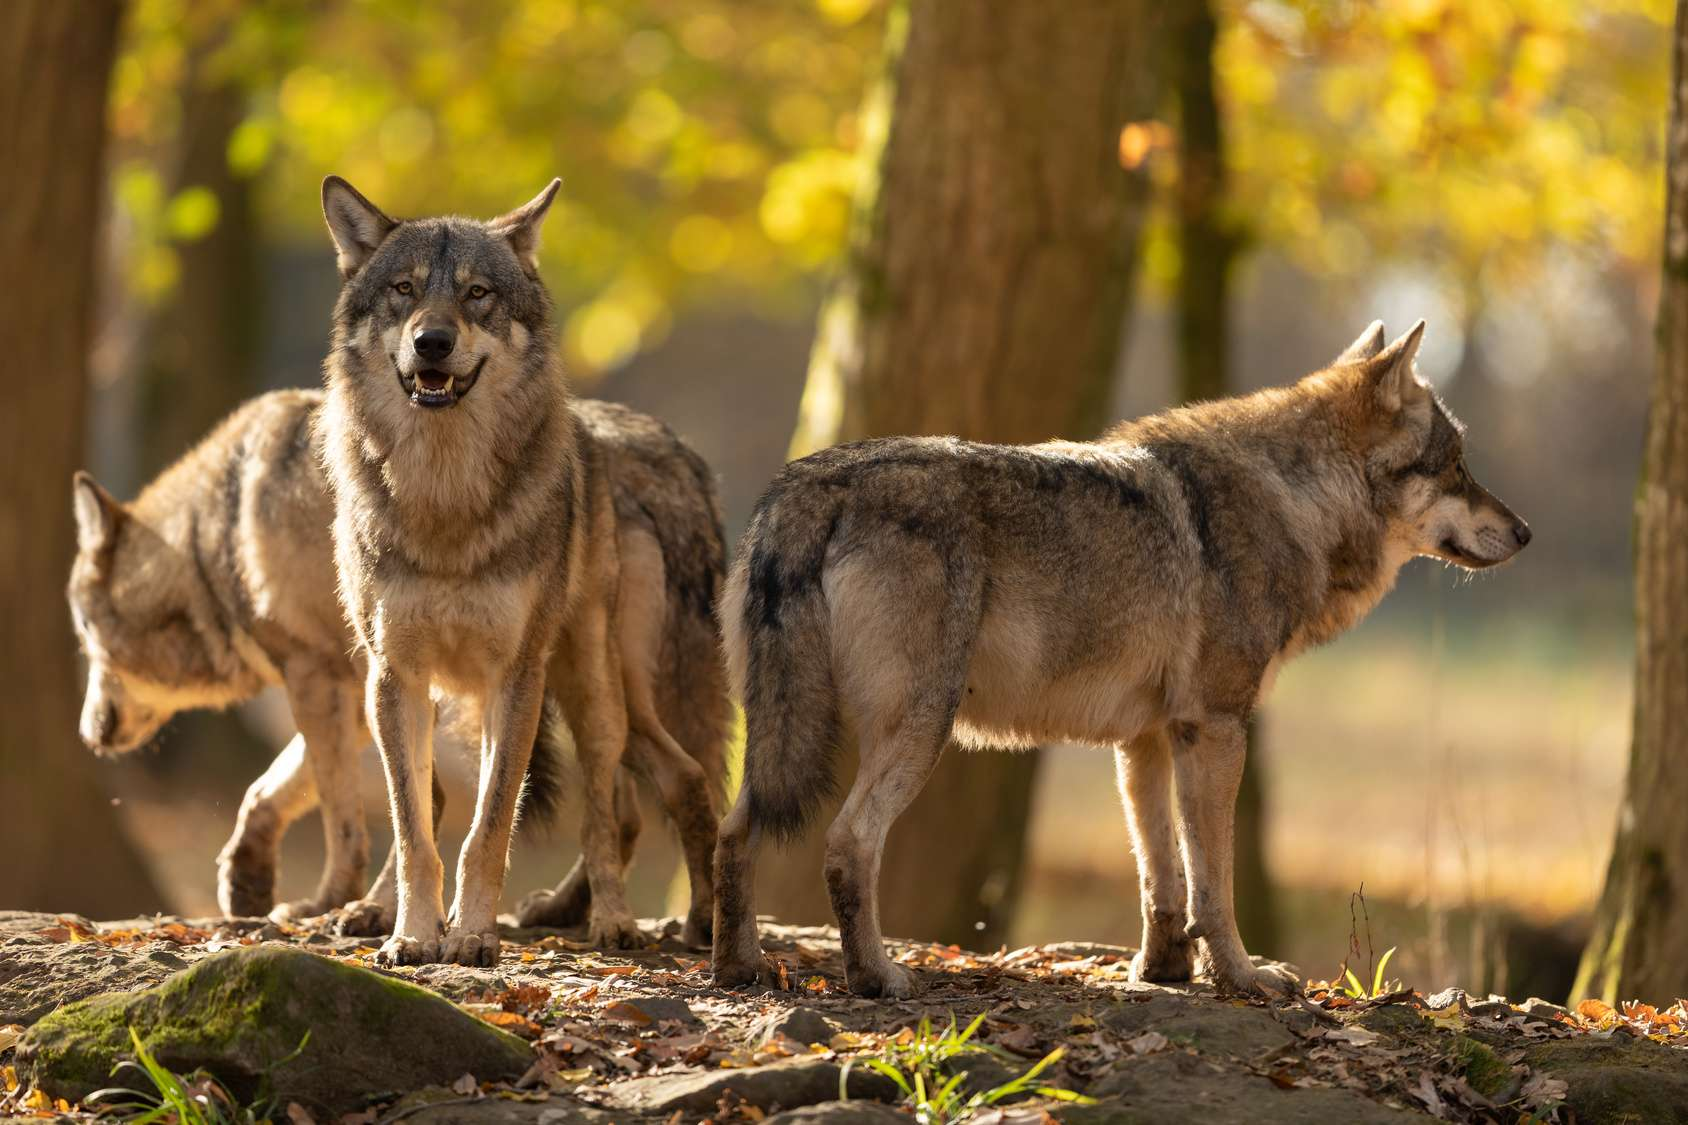 Le loup avait été éradiqué en France dans les années 1930 et est revenu naturellement par l'Italie. © Alexandre, Fotolia